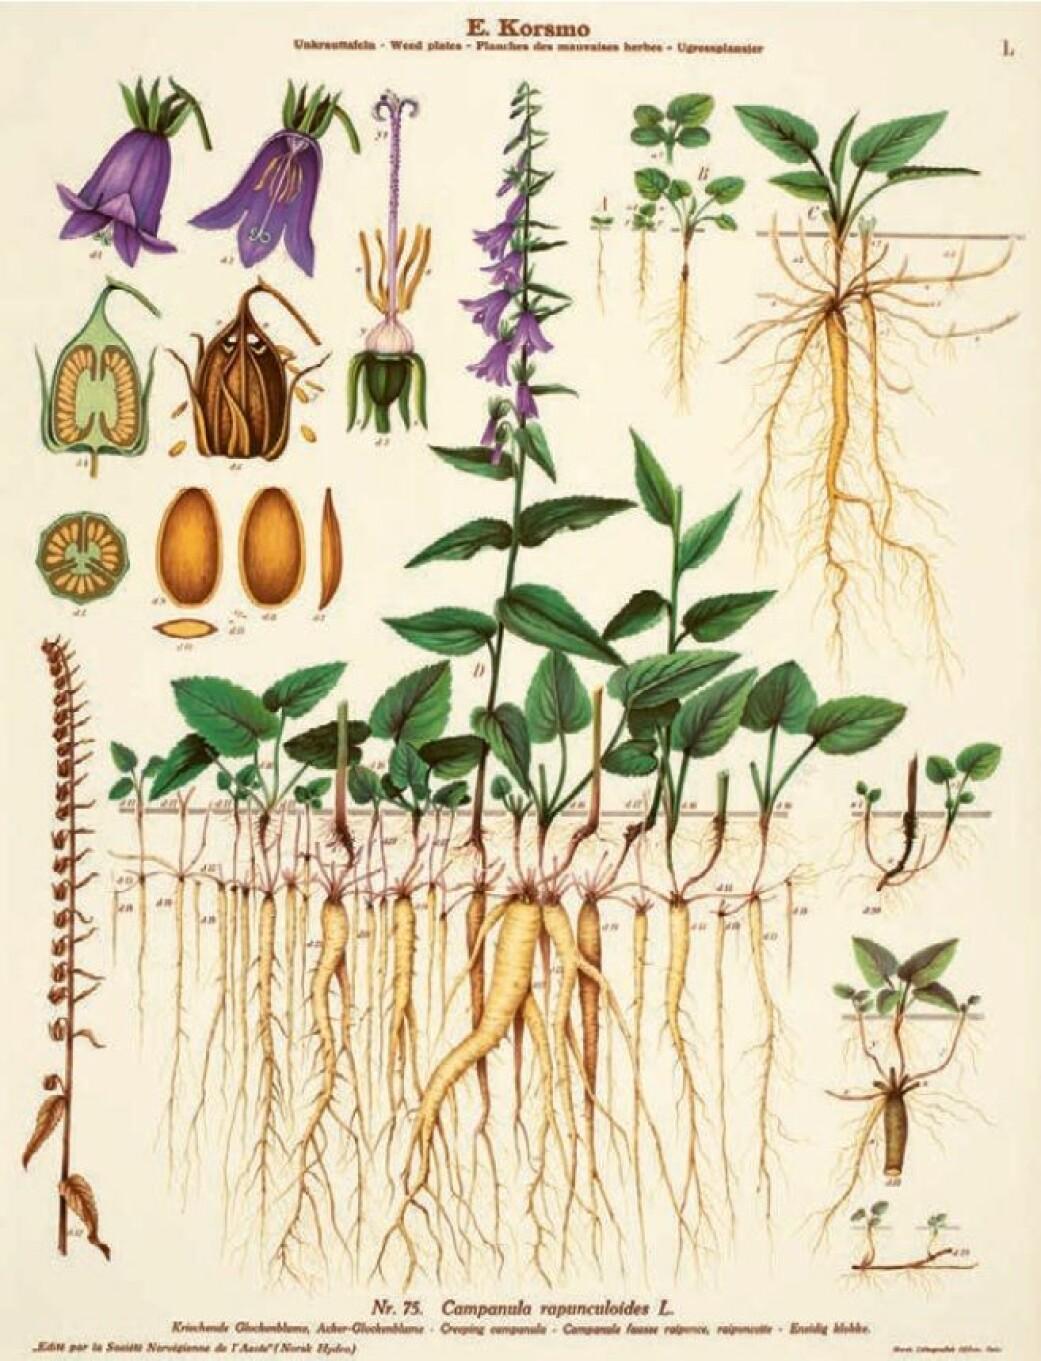 Har ugressklokken først kommet i hagen, er den nesten umulig å bli kvitt, skriver Borgen.